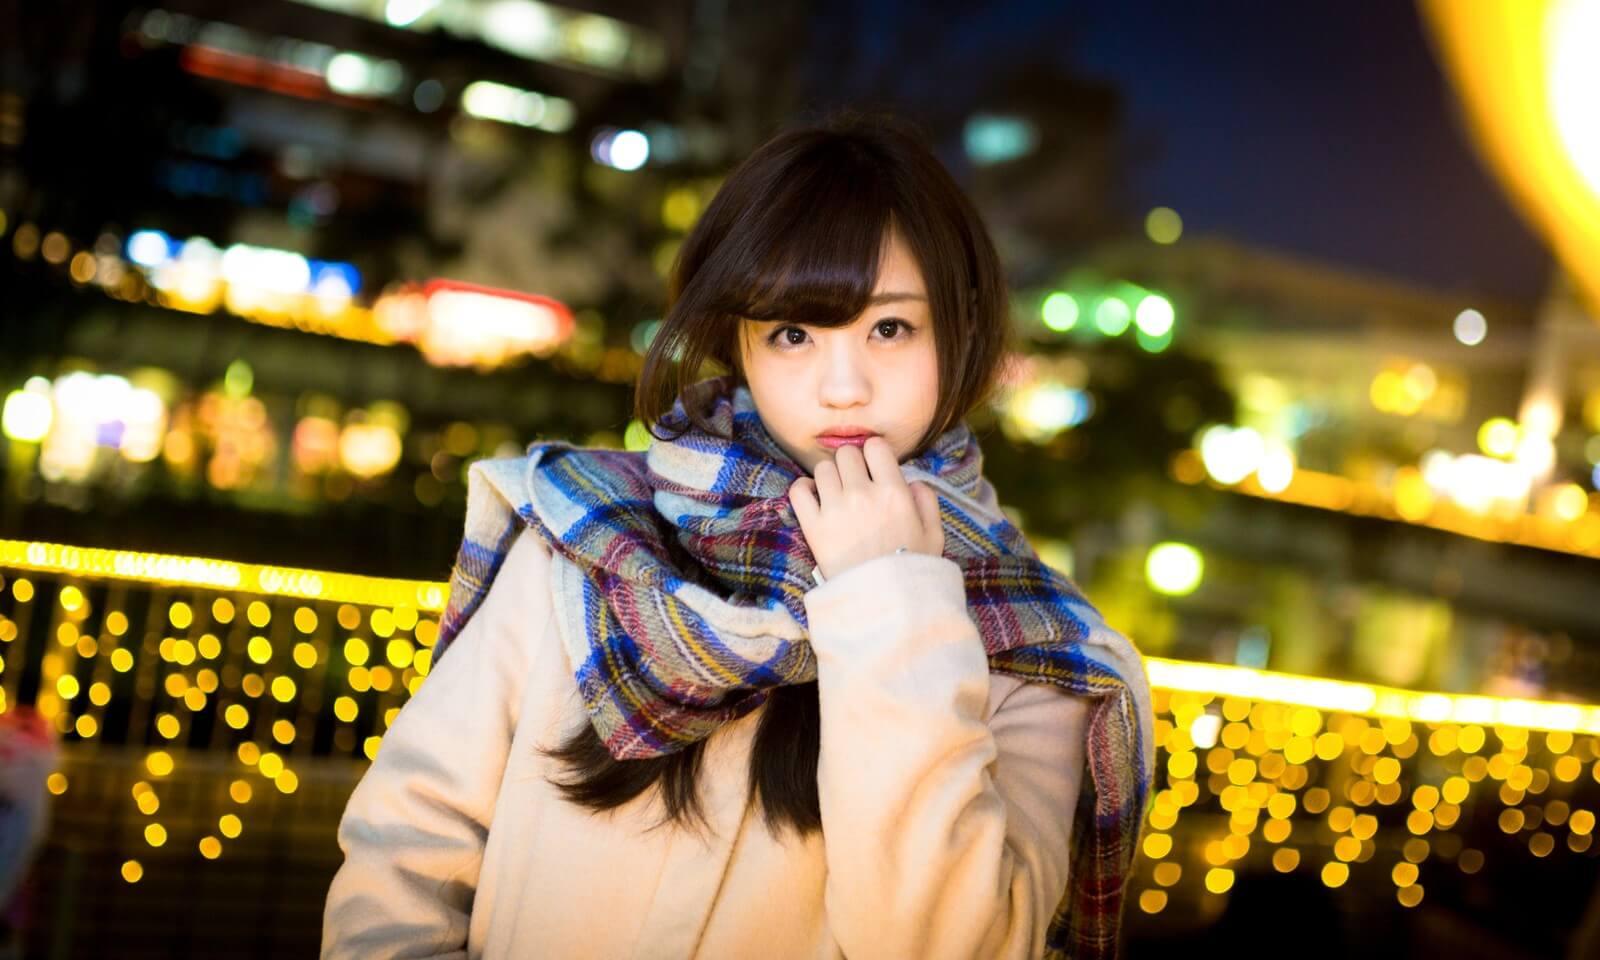 大阪のレンタル彼女の求人情報や仕事内容を解説!